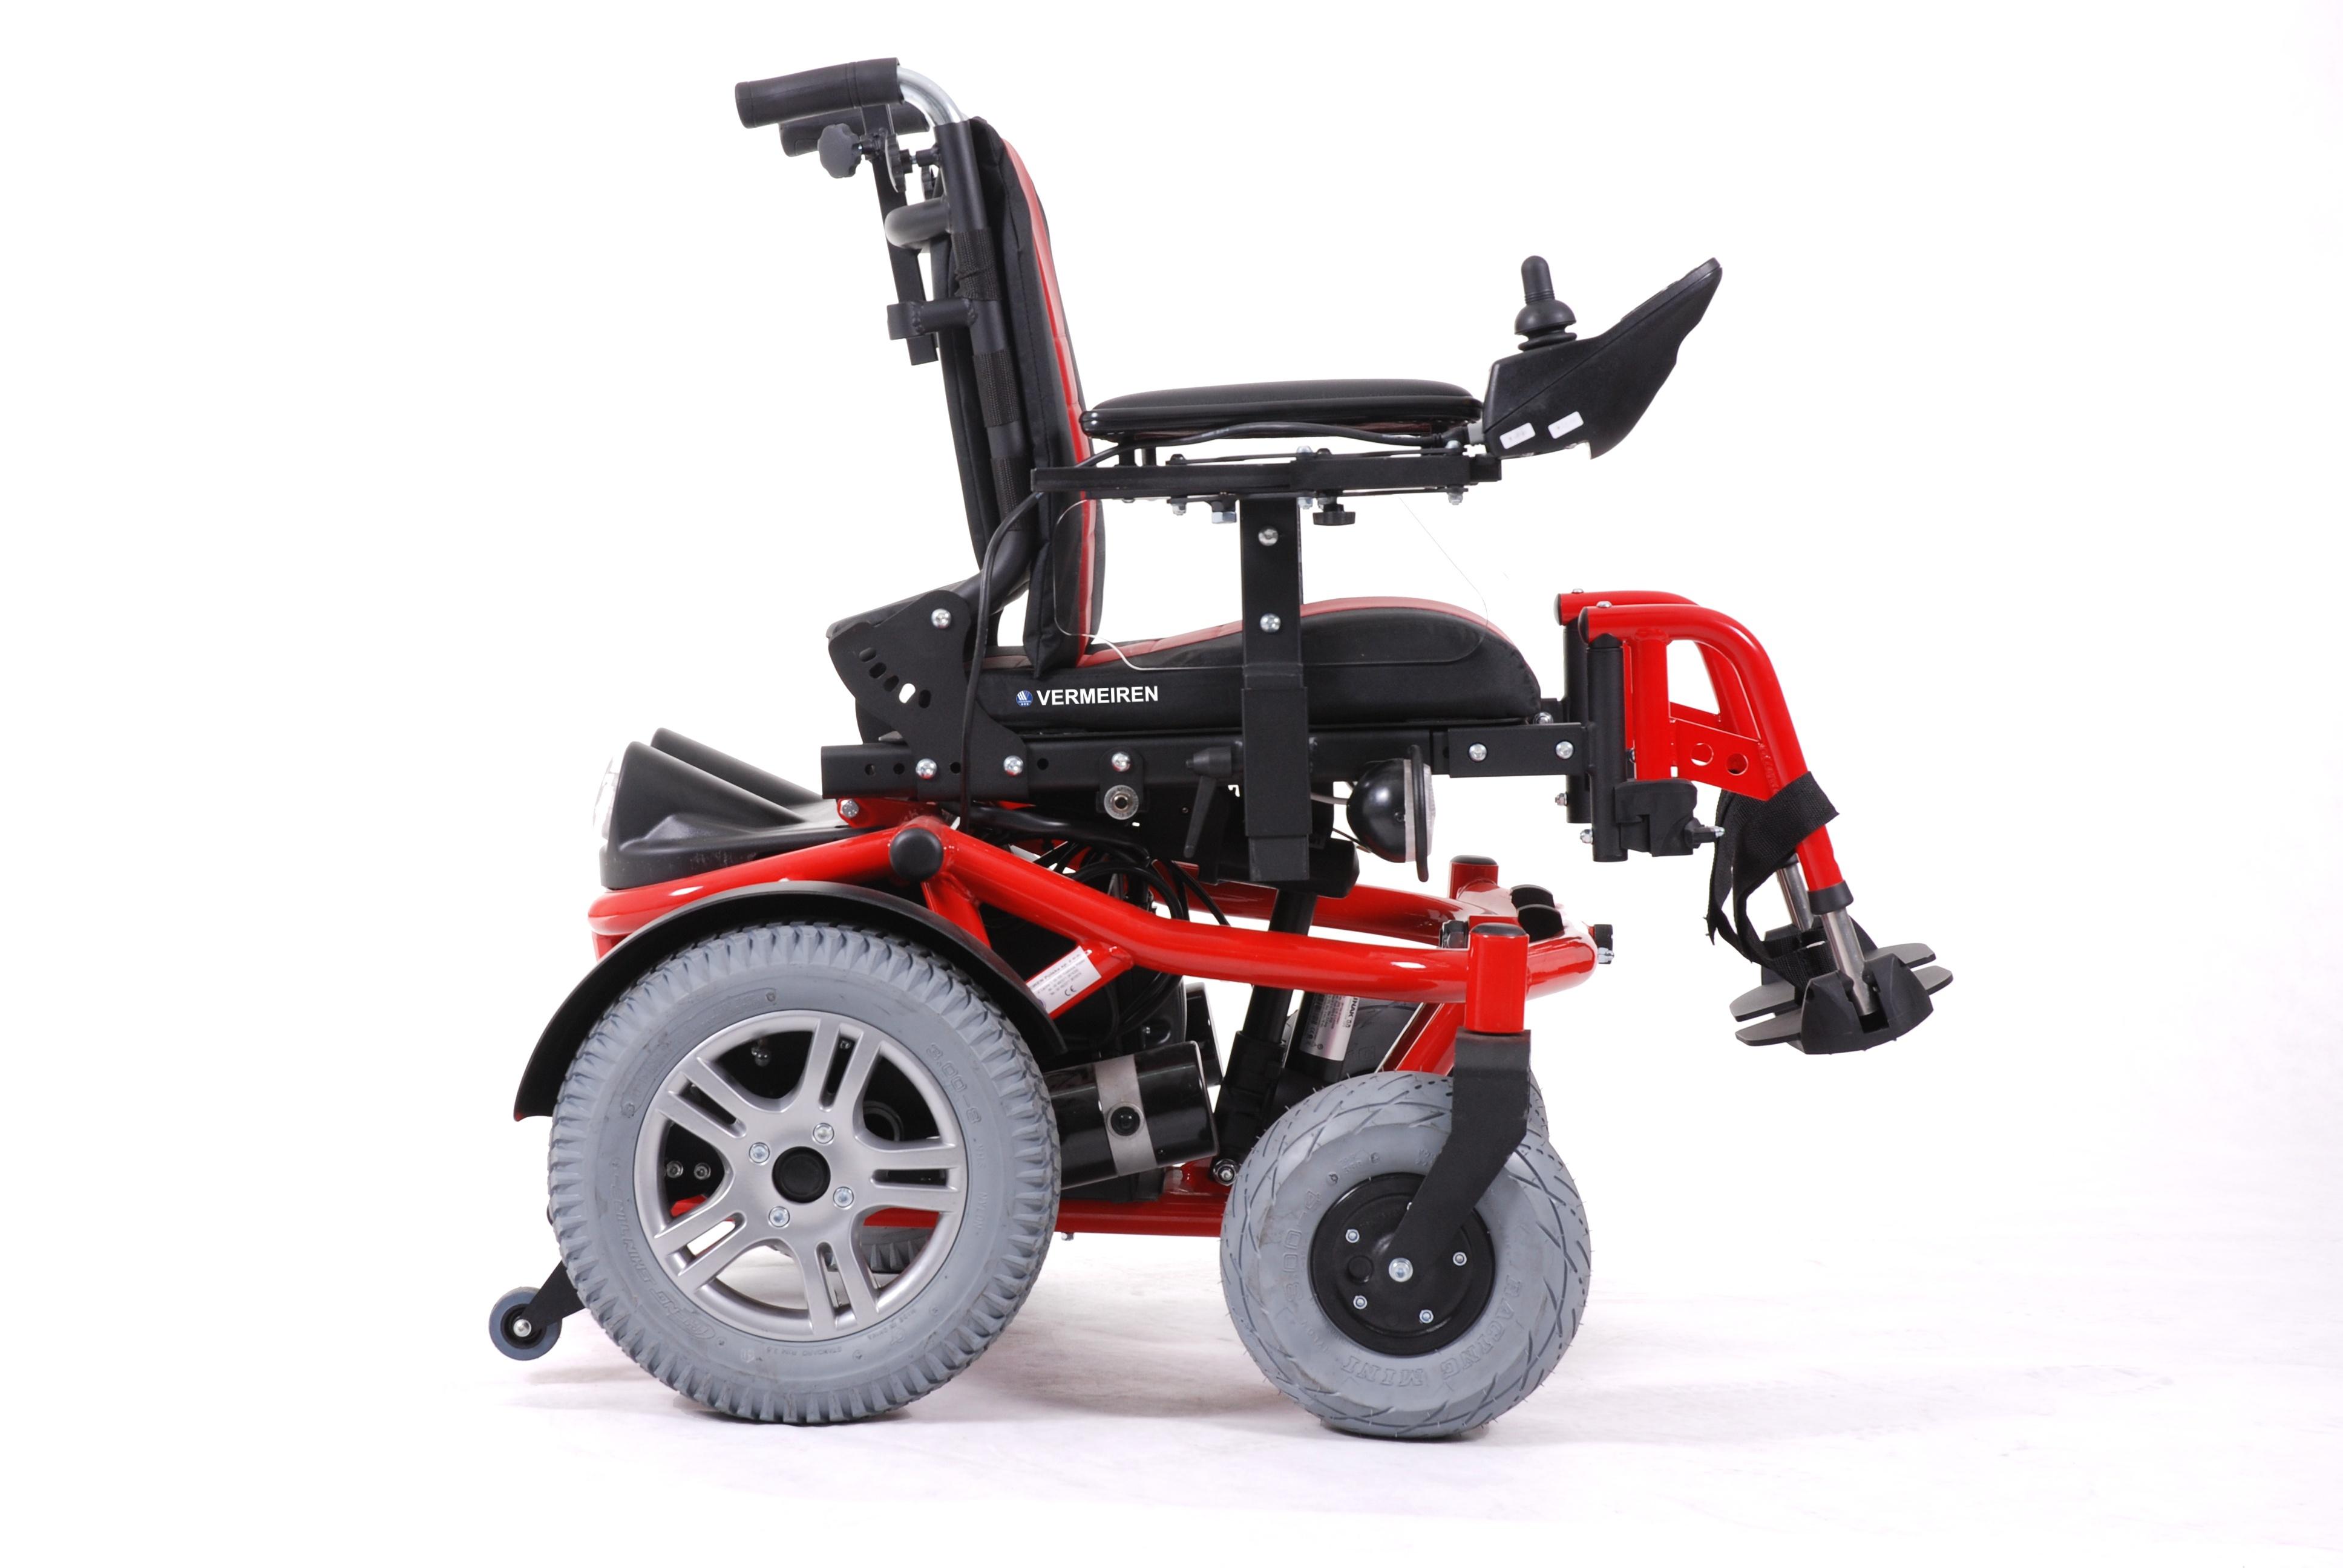 FOREST KIDS wózek inwalidzki z napędem elektrycznym pokojowo-terenowy